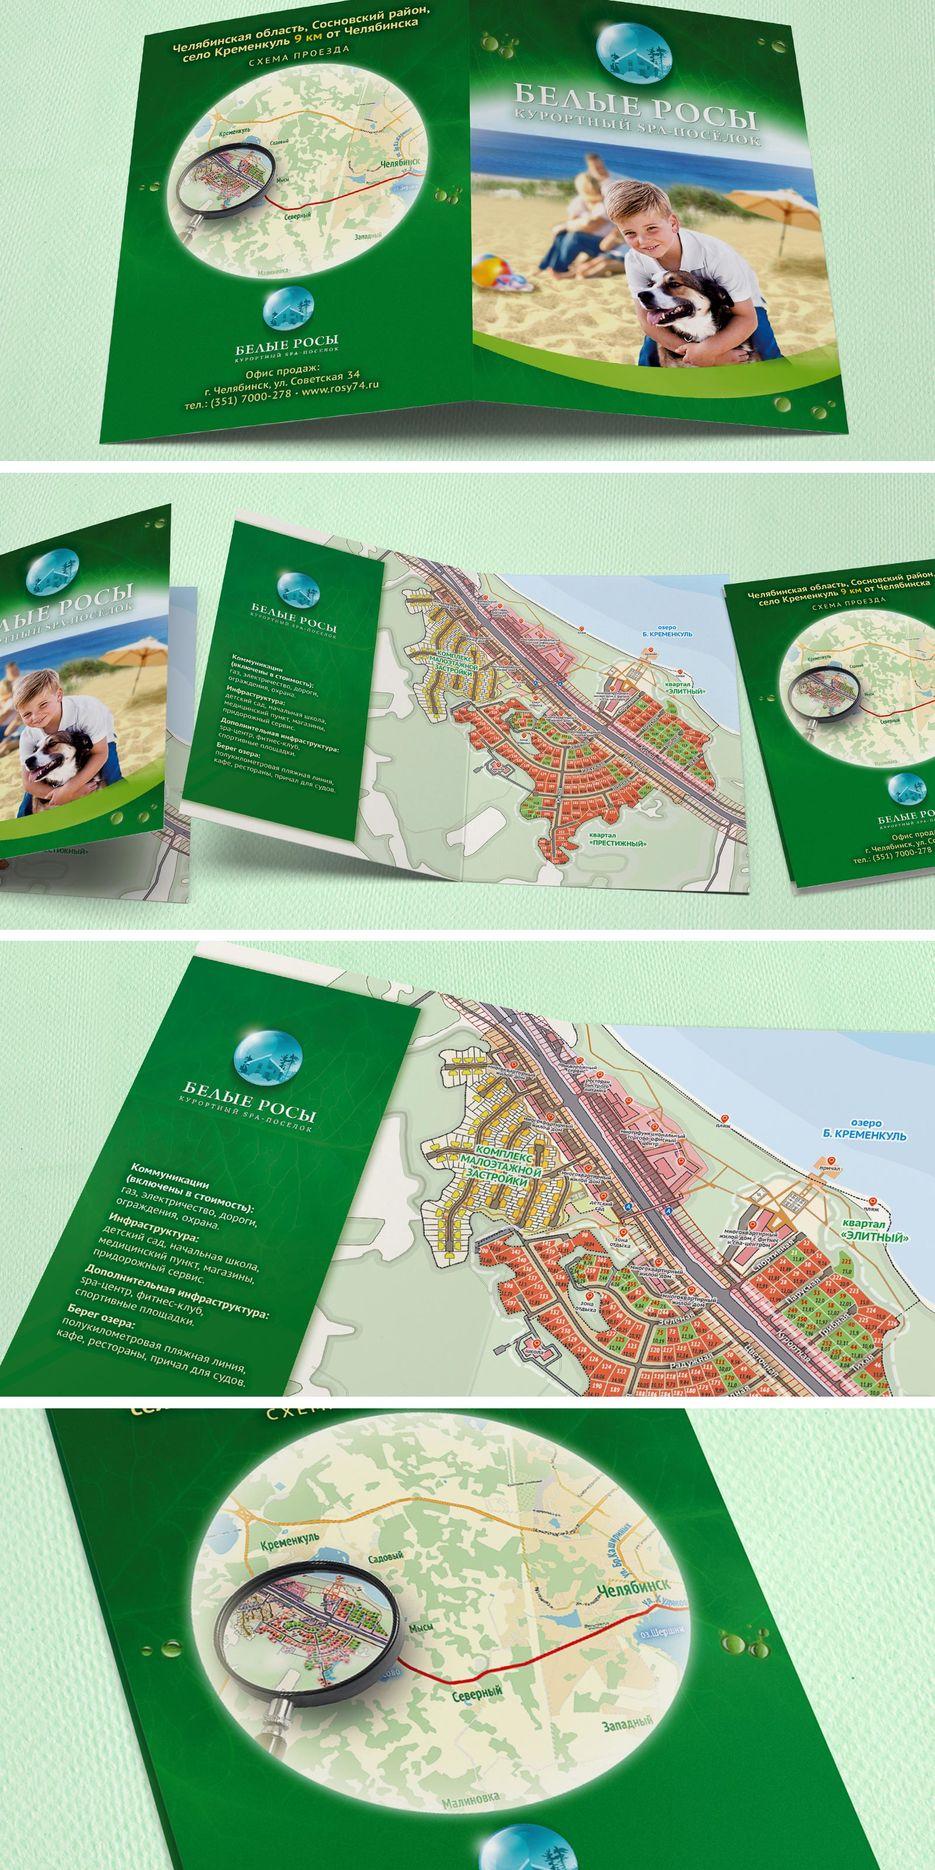 Дизайн буклета загородного поселка